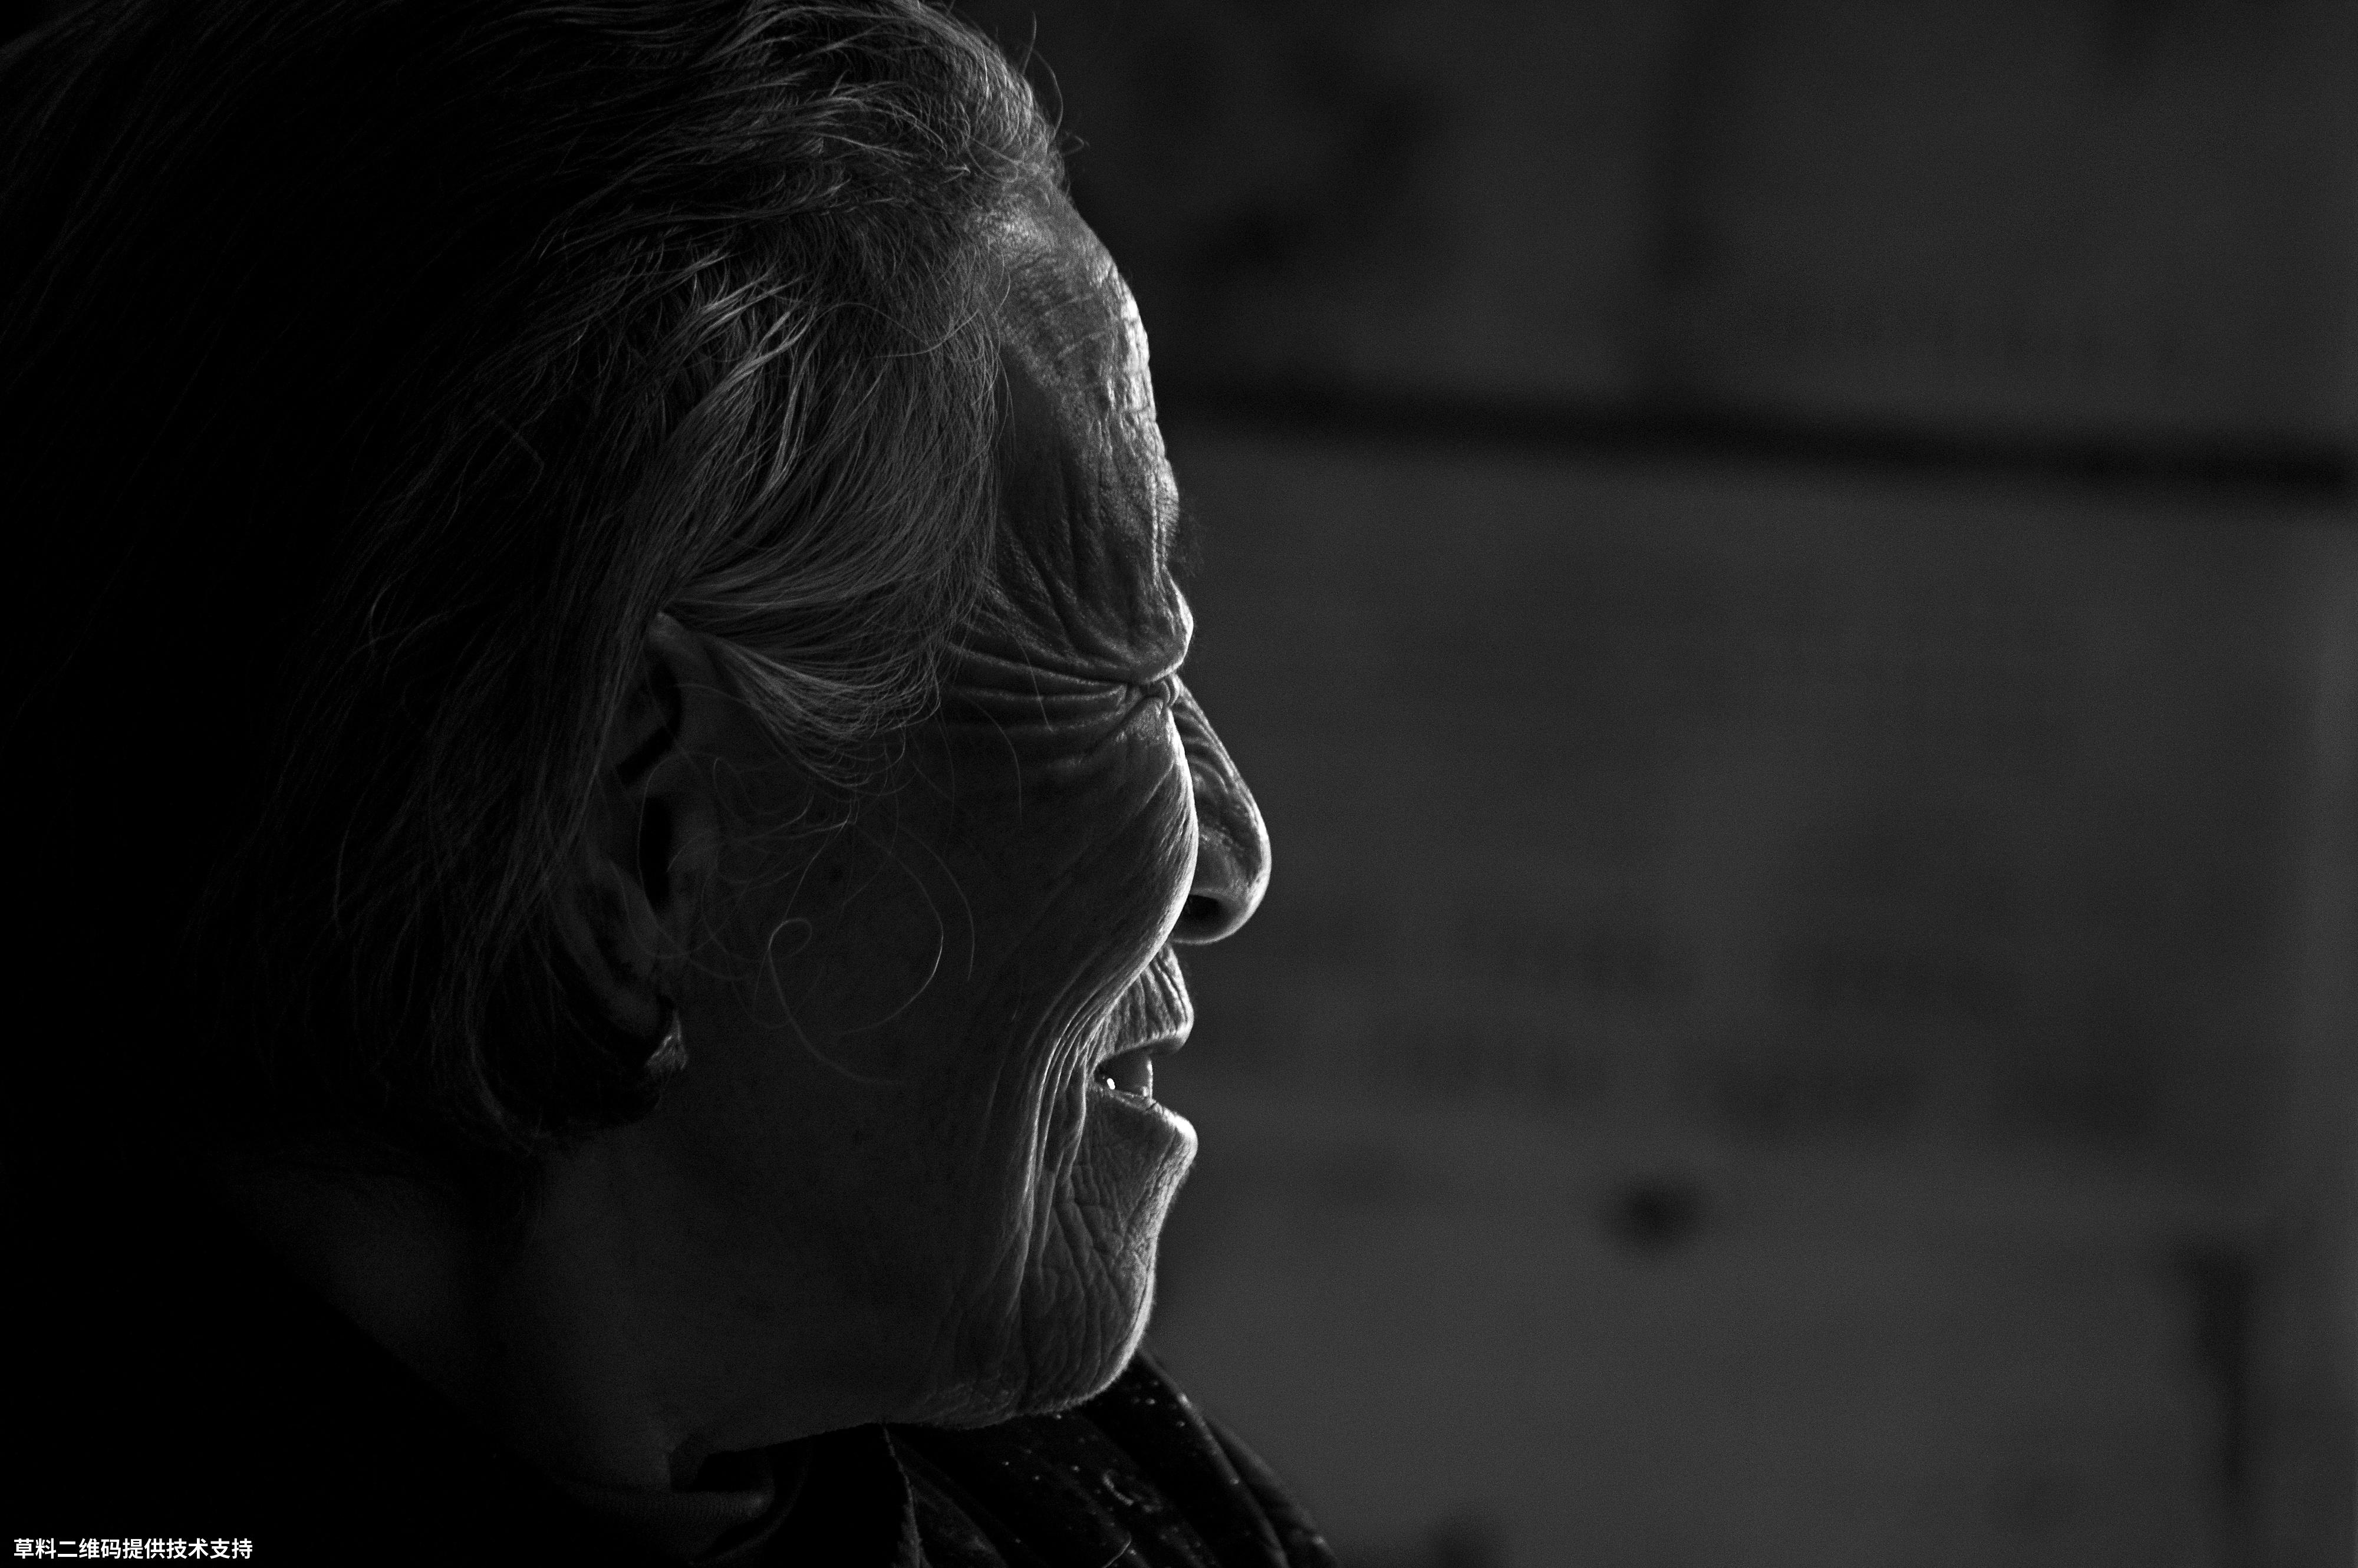 叶琳娜《脱贫了》 宾得,湘西脱贫攻坚成果采风时,抓拍下奶奶脱贫后由衷的笑。.jpg